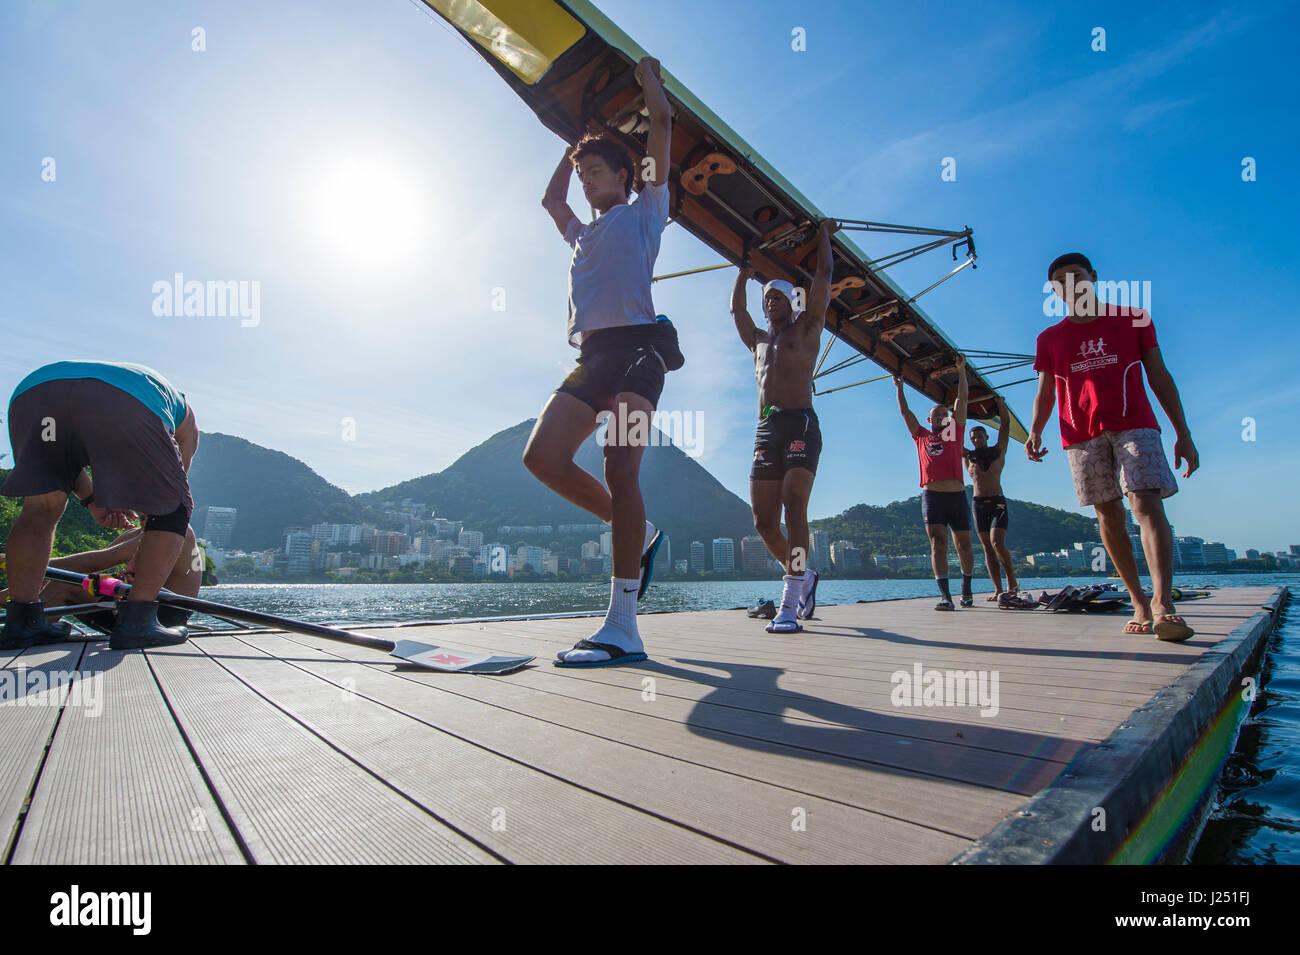 RIO DE JANEIRO - le 30 janvier 2016: Groupe Brésil rameurs portent leur voile à partir de la station Photo Stock